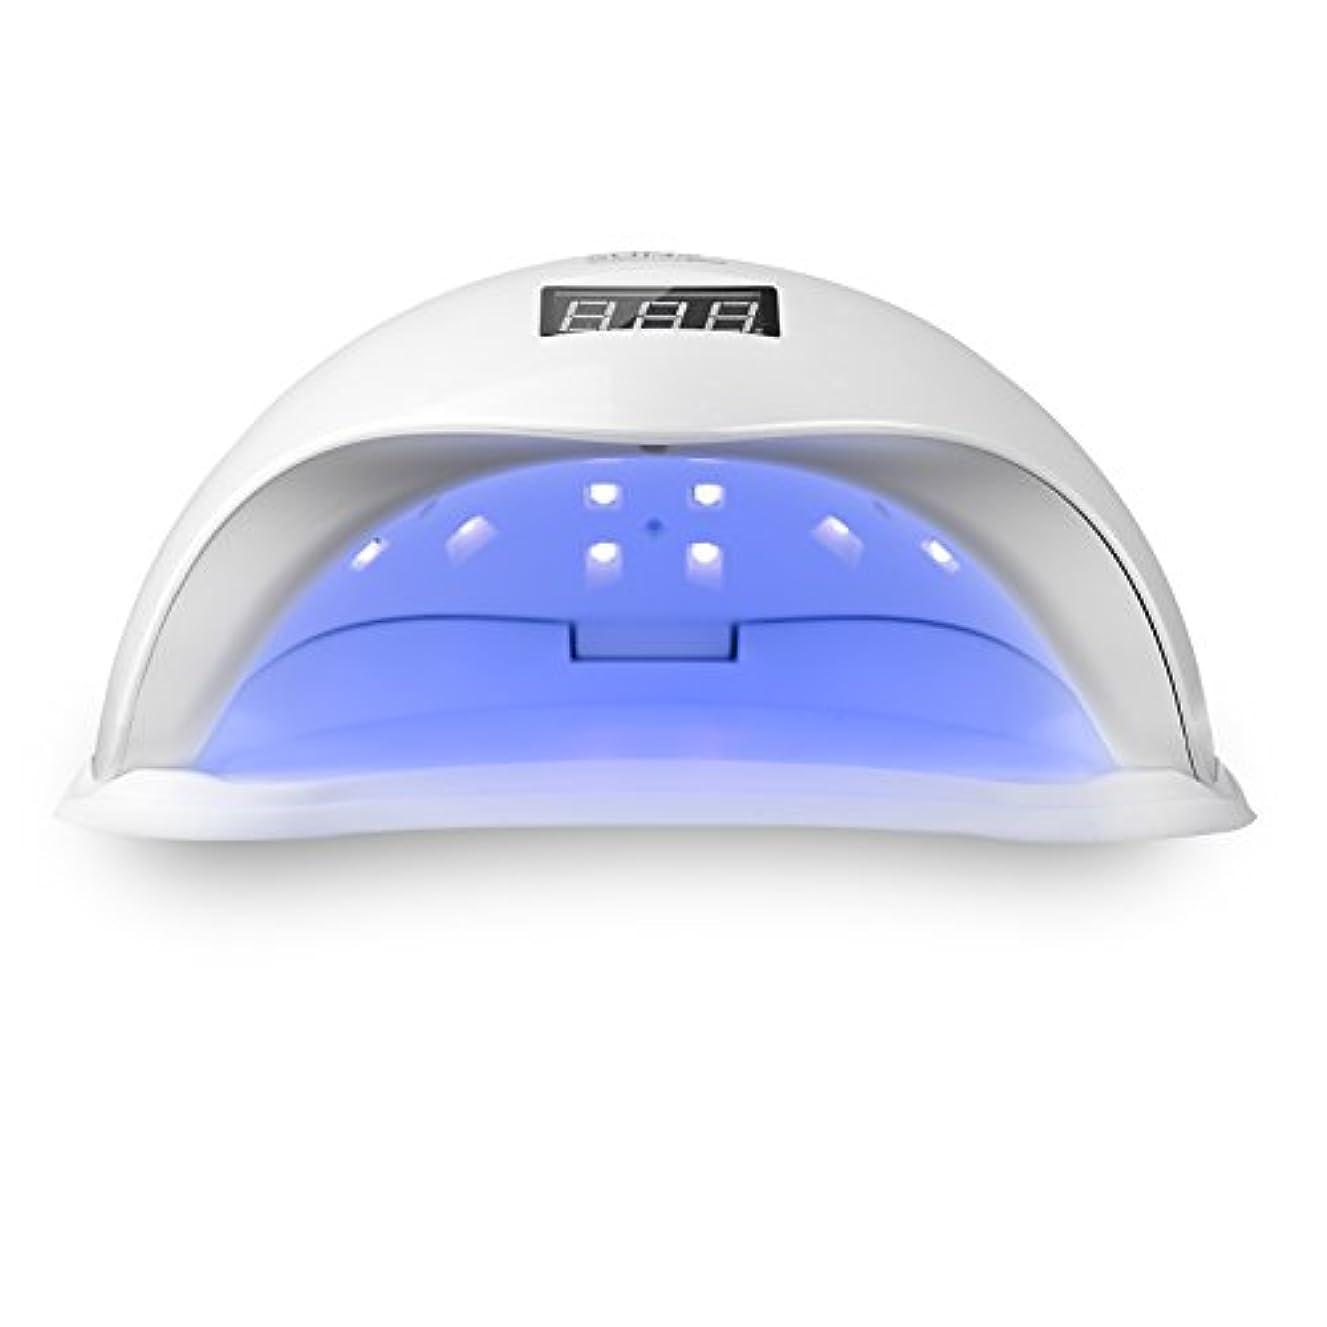 フォアマン小さな皿LED ネイルドライヤー UVネイルライト 48W ハイパワー ジェルネイルライト 肌をケア センサータイマー付き UVライト 速乾UV ネイル ハンドフット両用 ネイル led ライト [取扱説明書付き] Vinteky